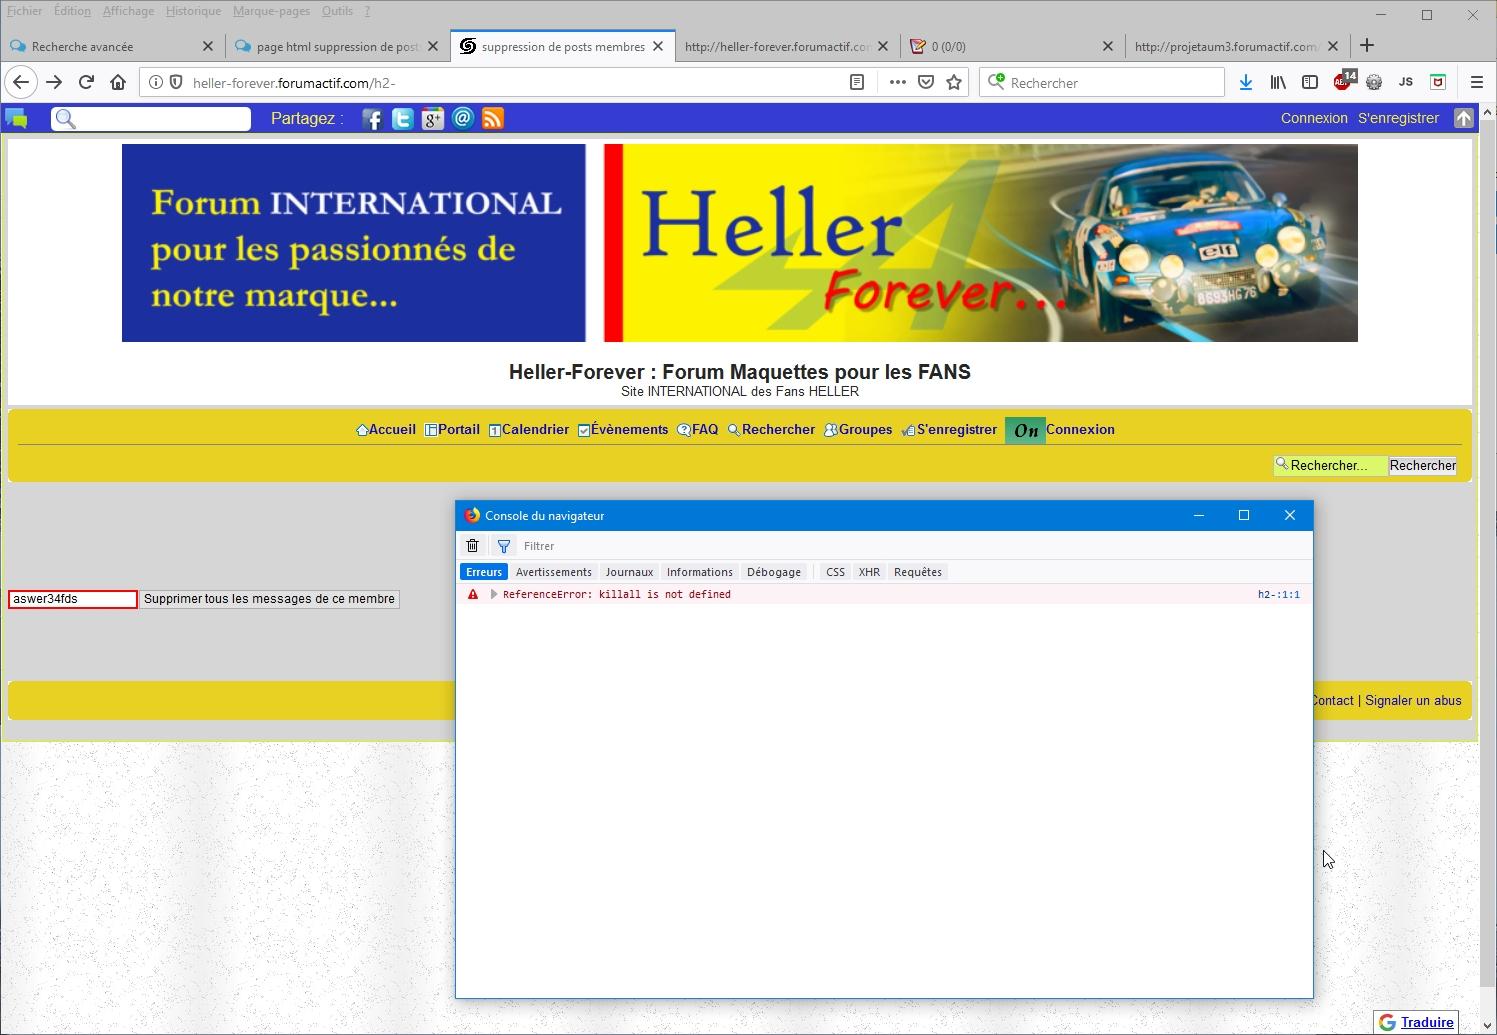 fff - page html suppression de posts d'un membre ne fonctionne plus? 2019-010